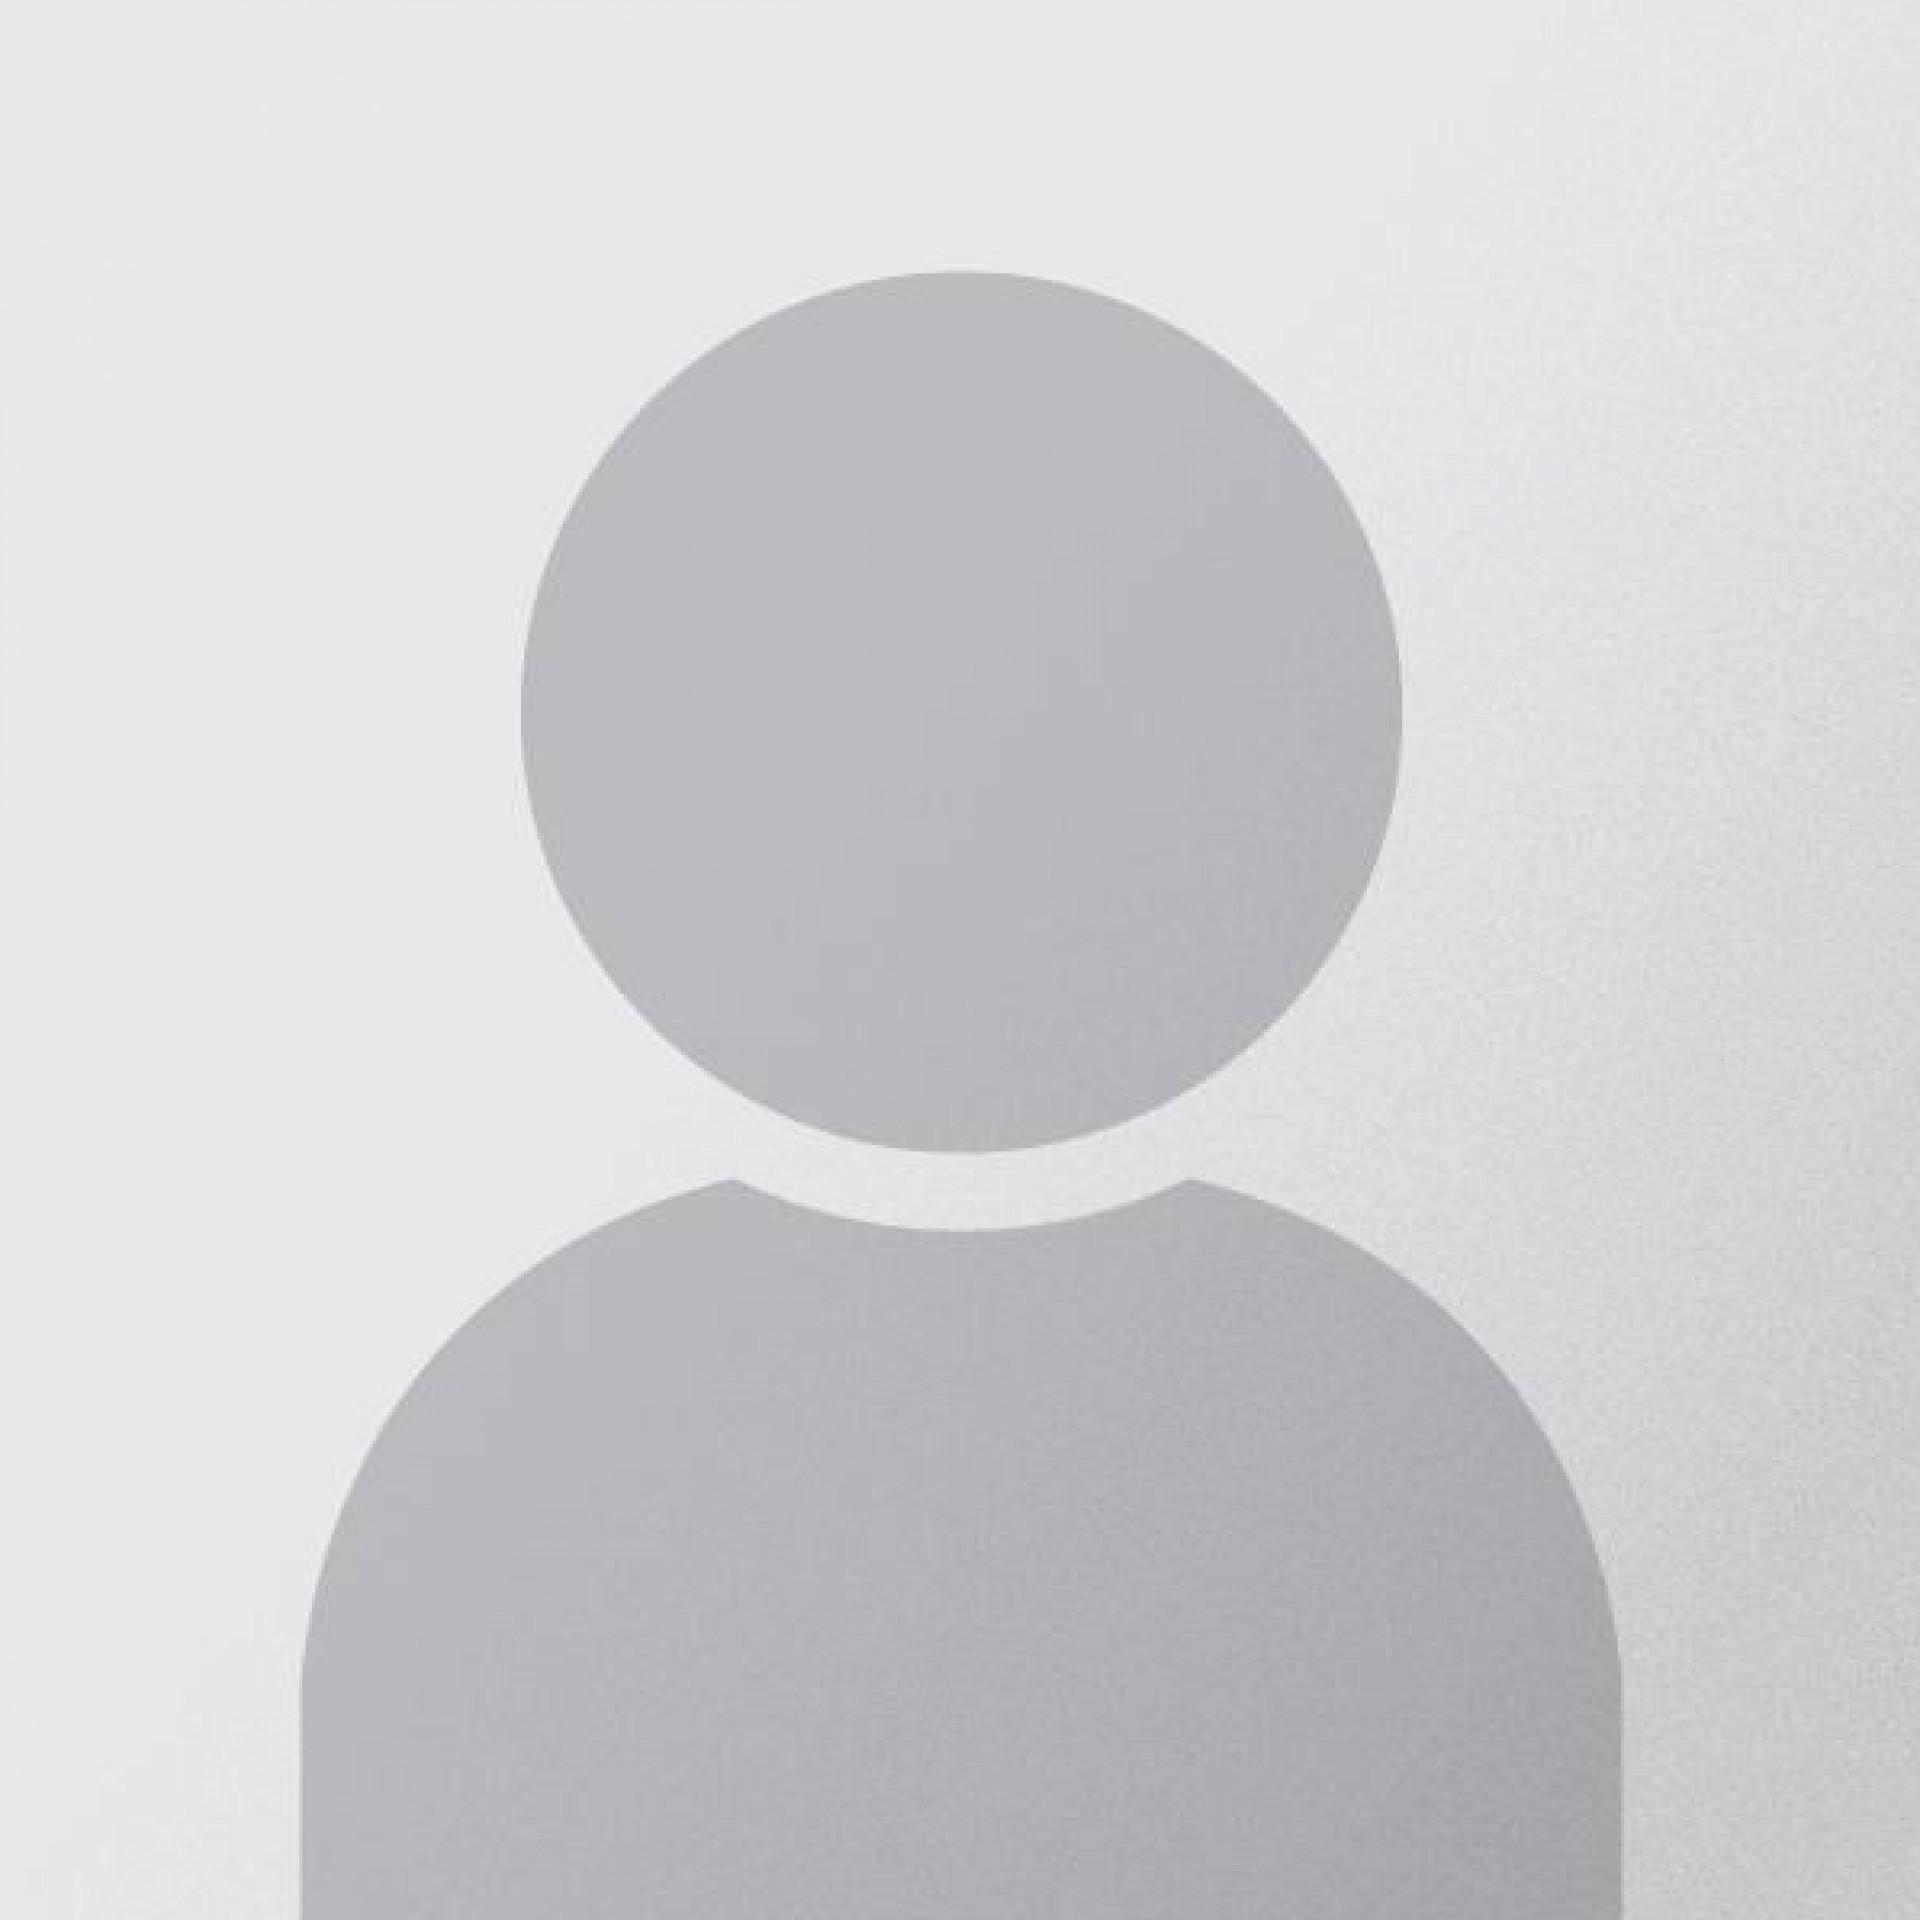 fotografia p021 profilu 01028H1N73